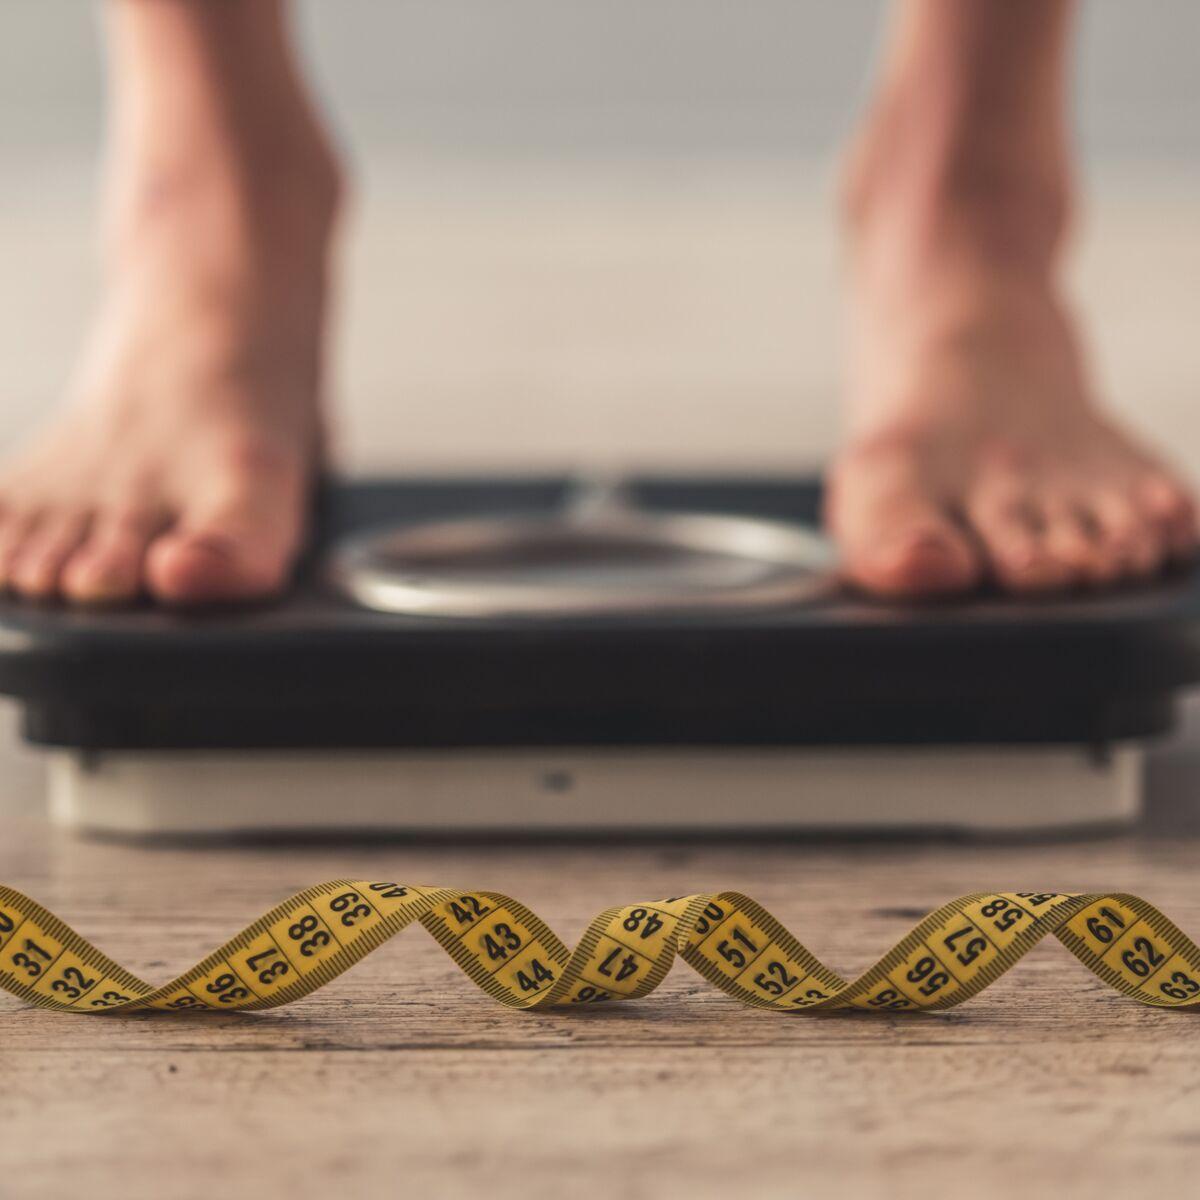 Perte de poids - Quelles causes ? - Fiches santé et conseils médicaux